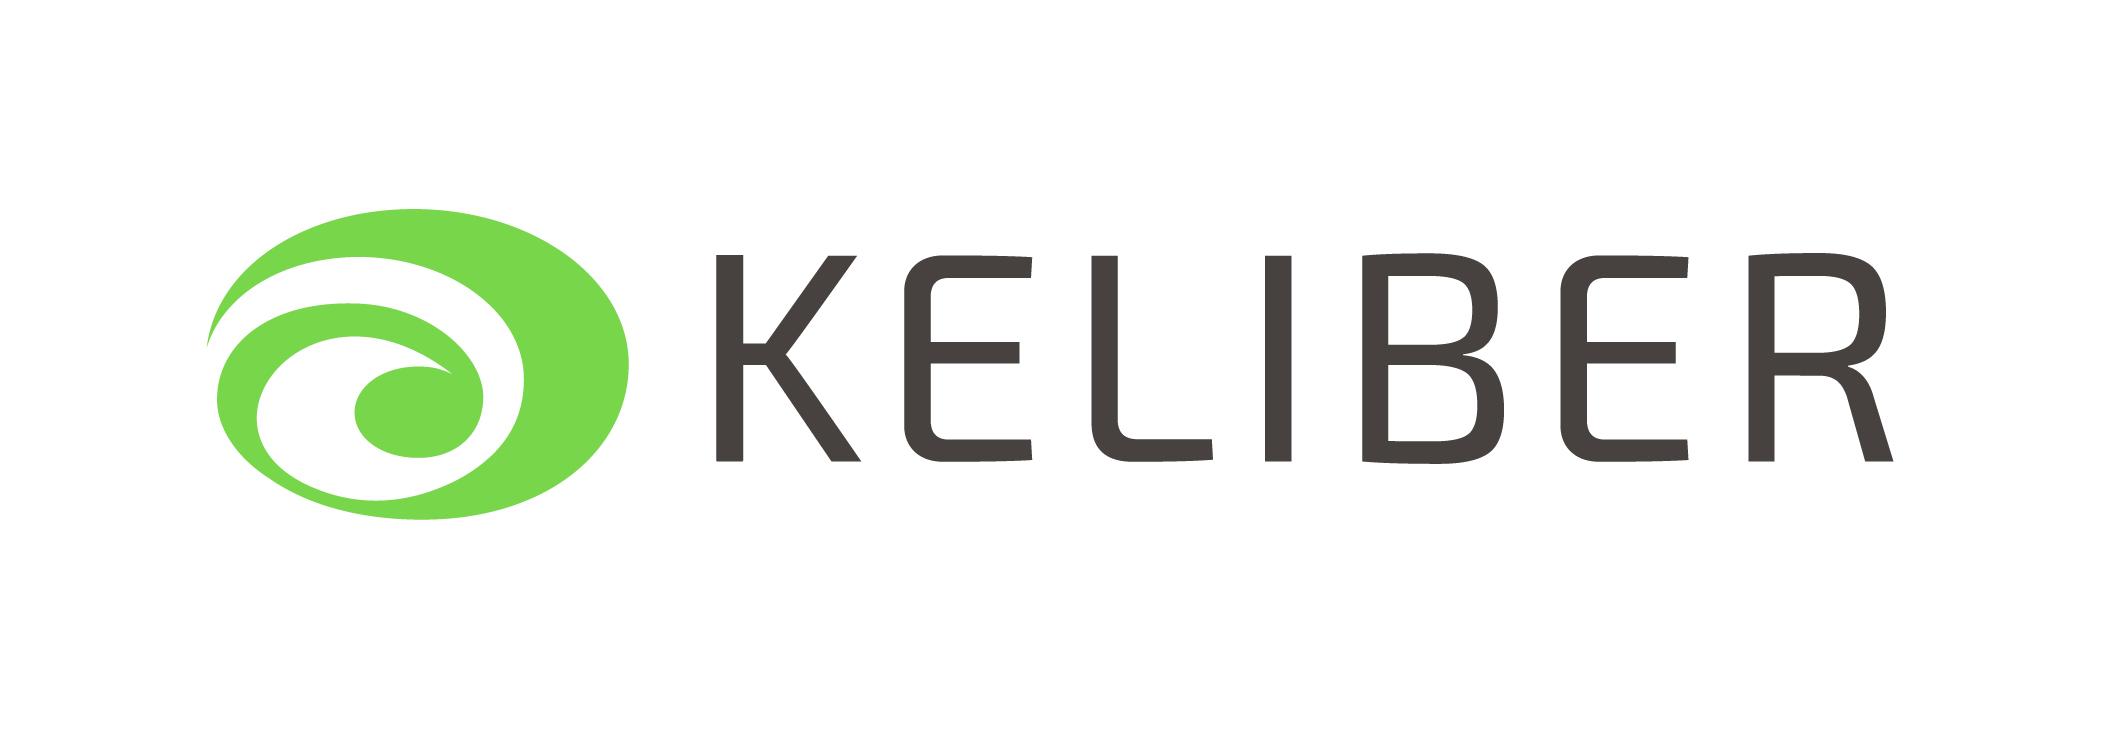 Keliber logo (rgb, jpg) (ID 21177)